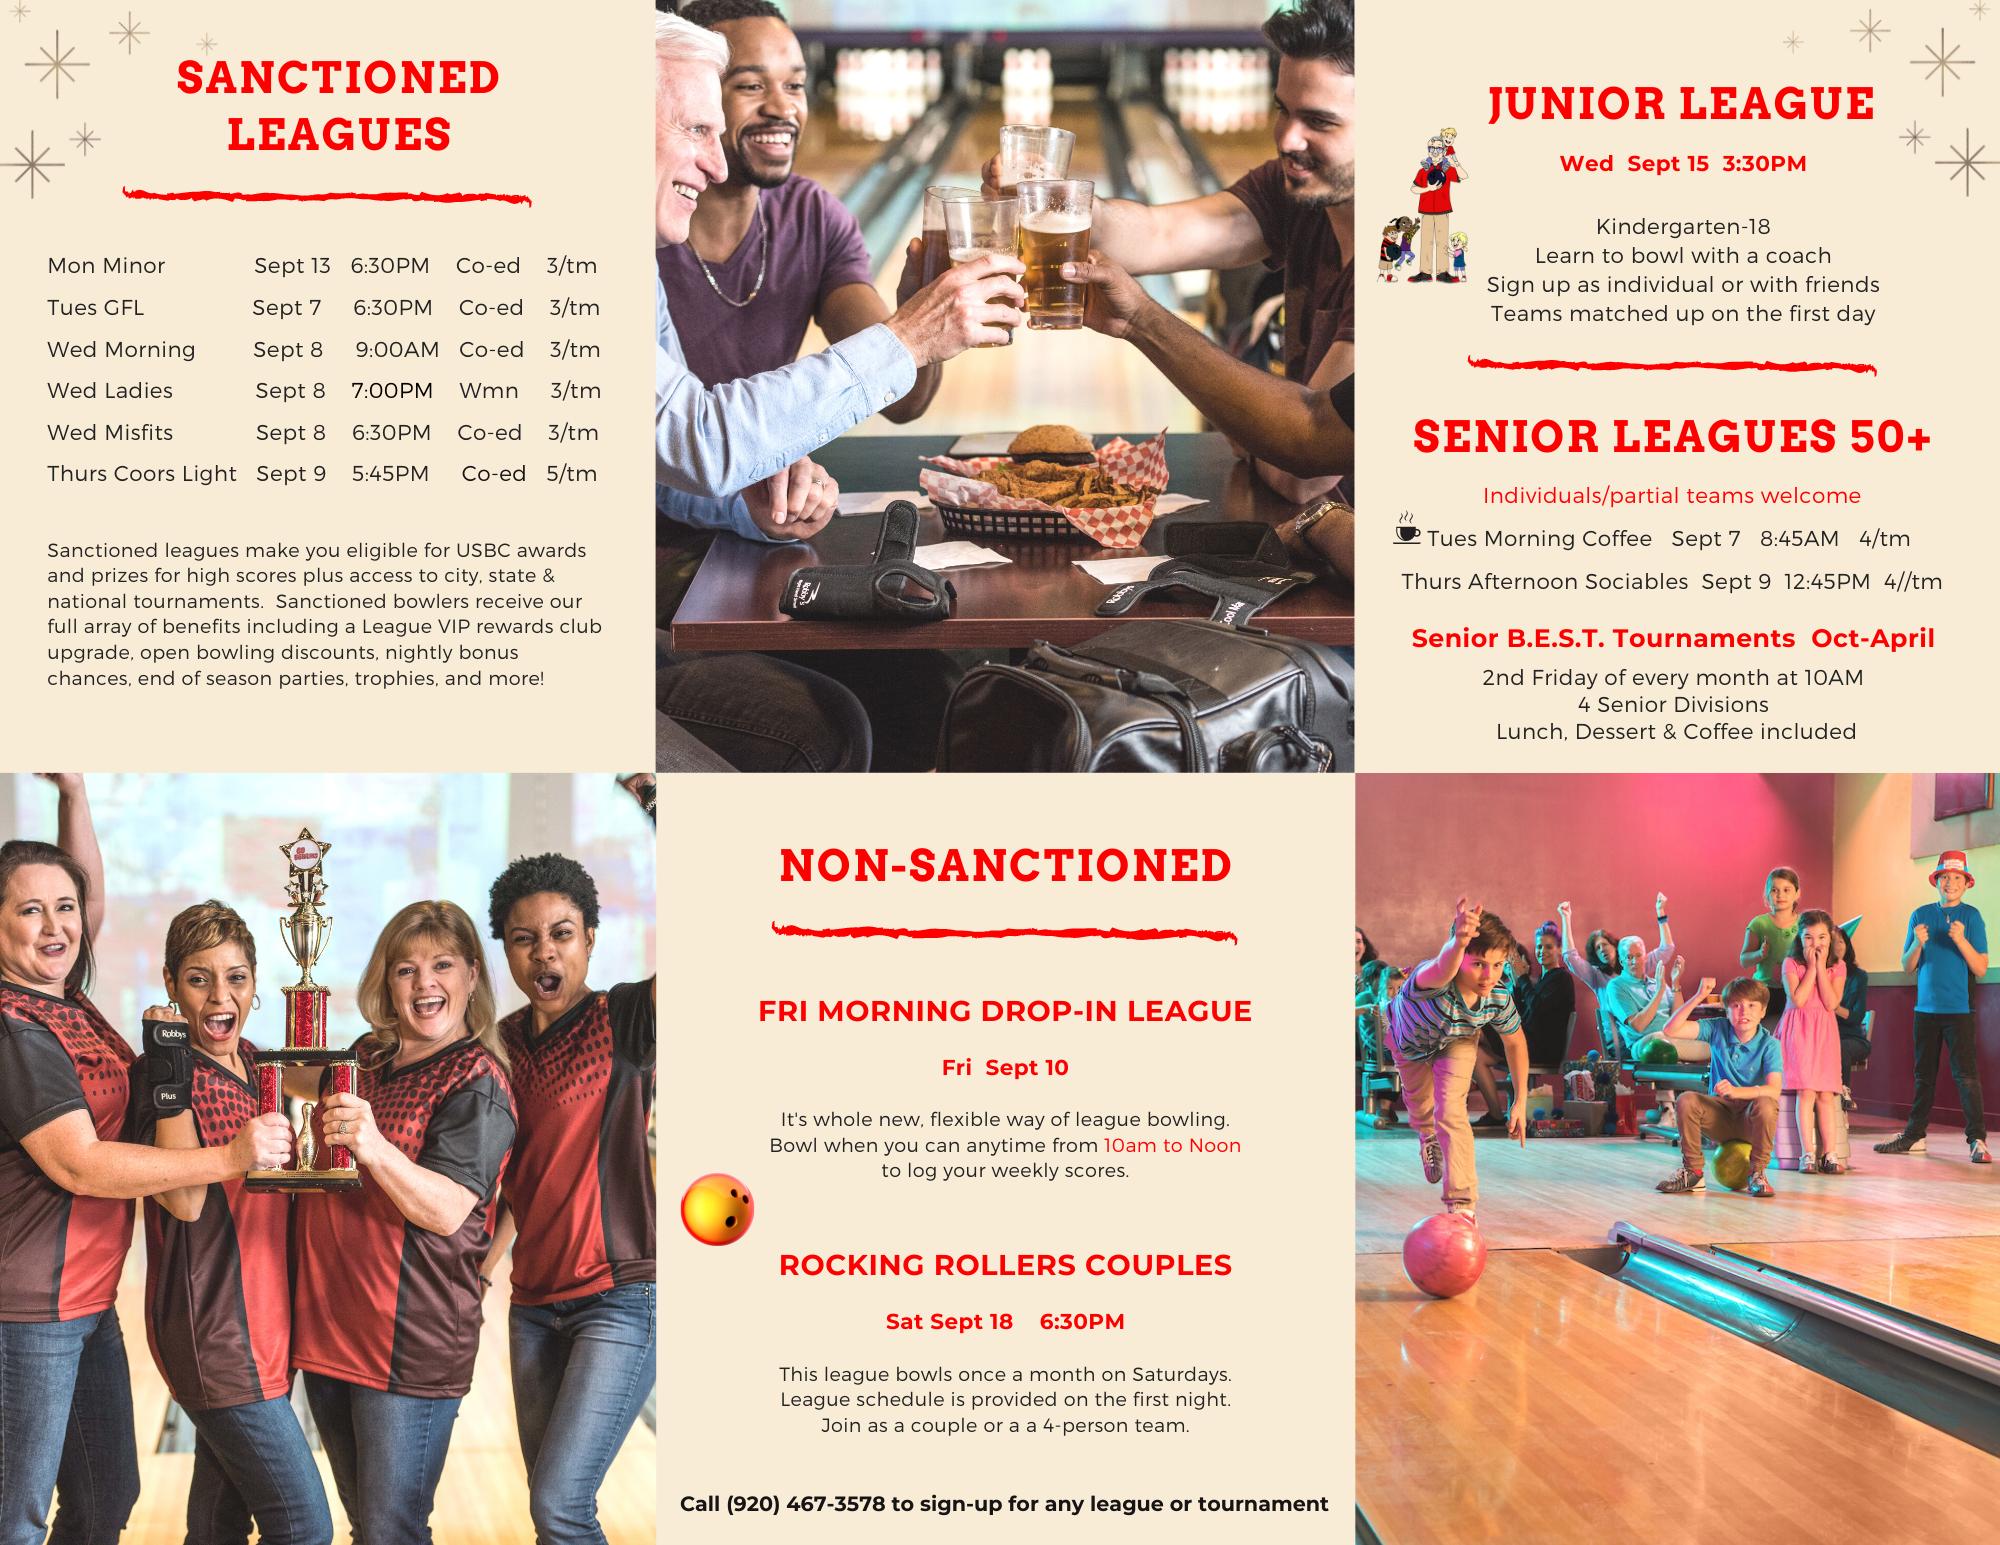 Fall League Bowling | Odyssey Fun Center | Sheboygan Falls WI